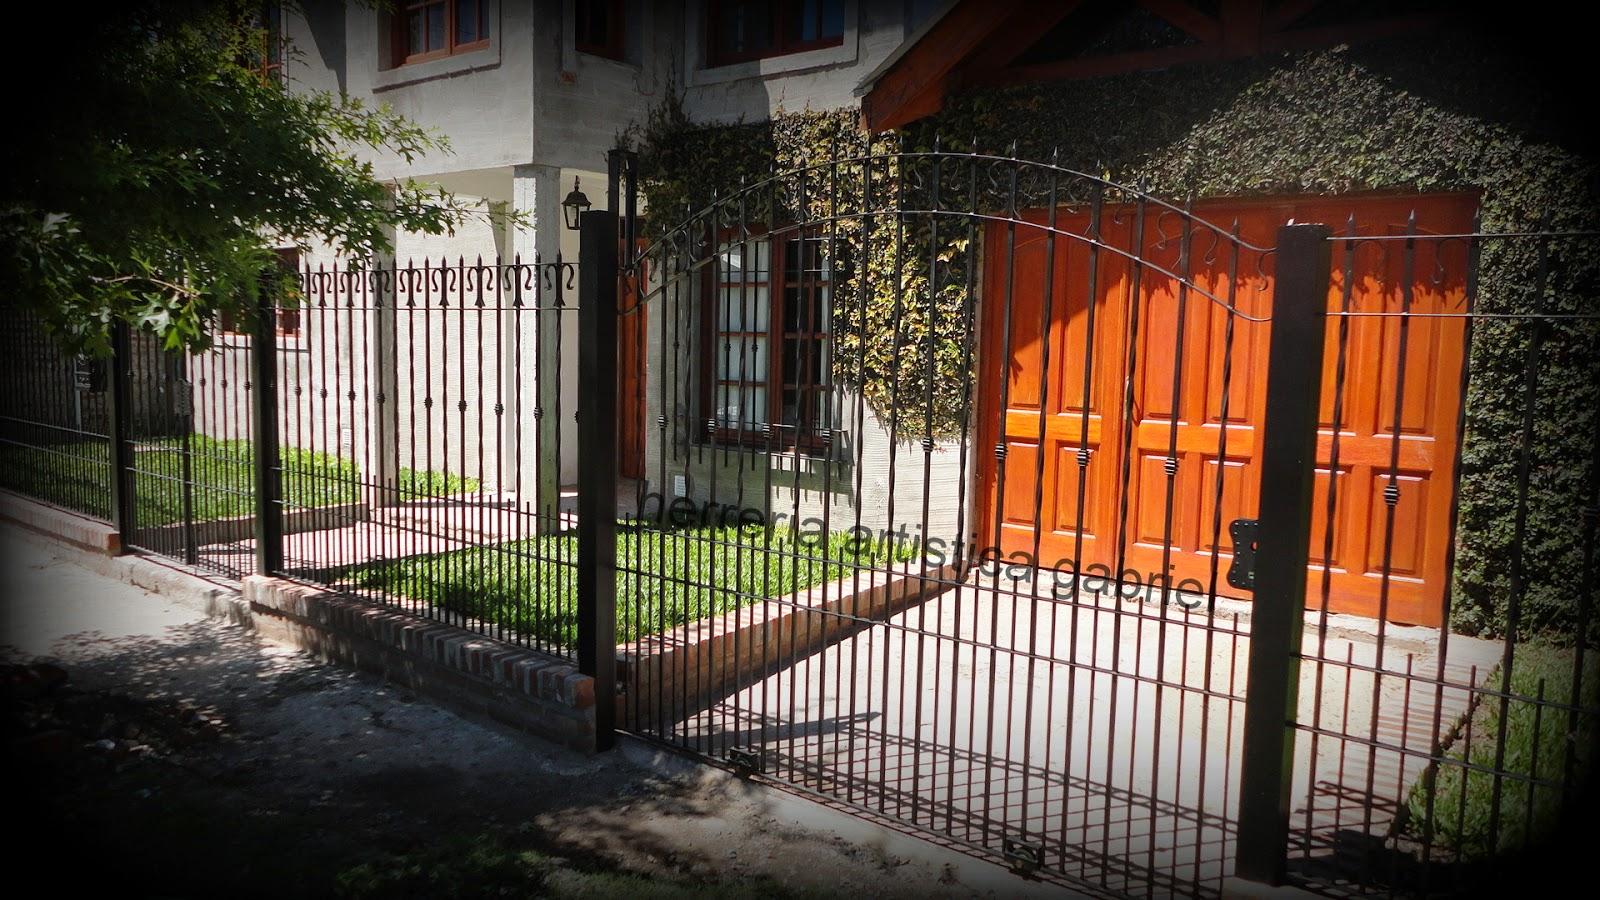 Herreria Artistica Gabriel M Paz Frente Colonial Y Puerta En  # Muebles Hierro Forjado Herreria Artistica